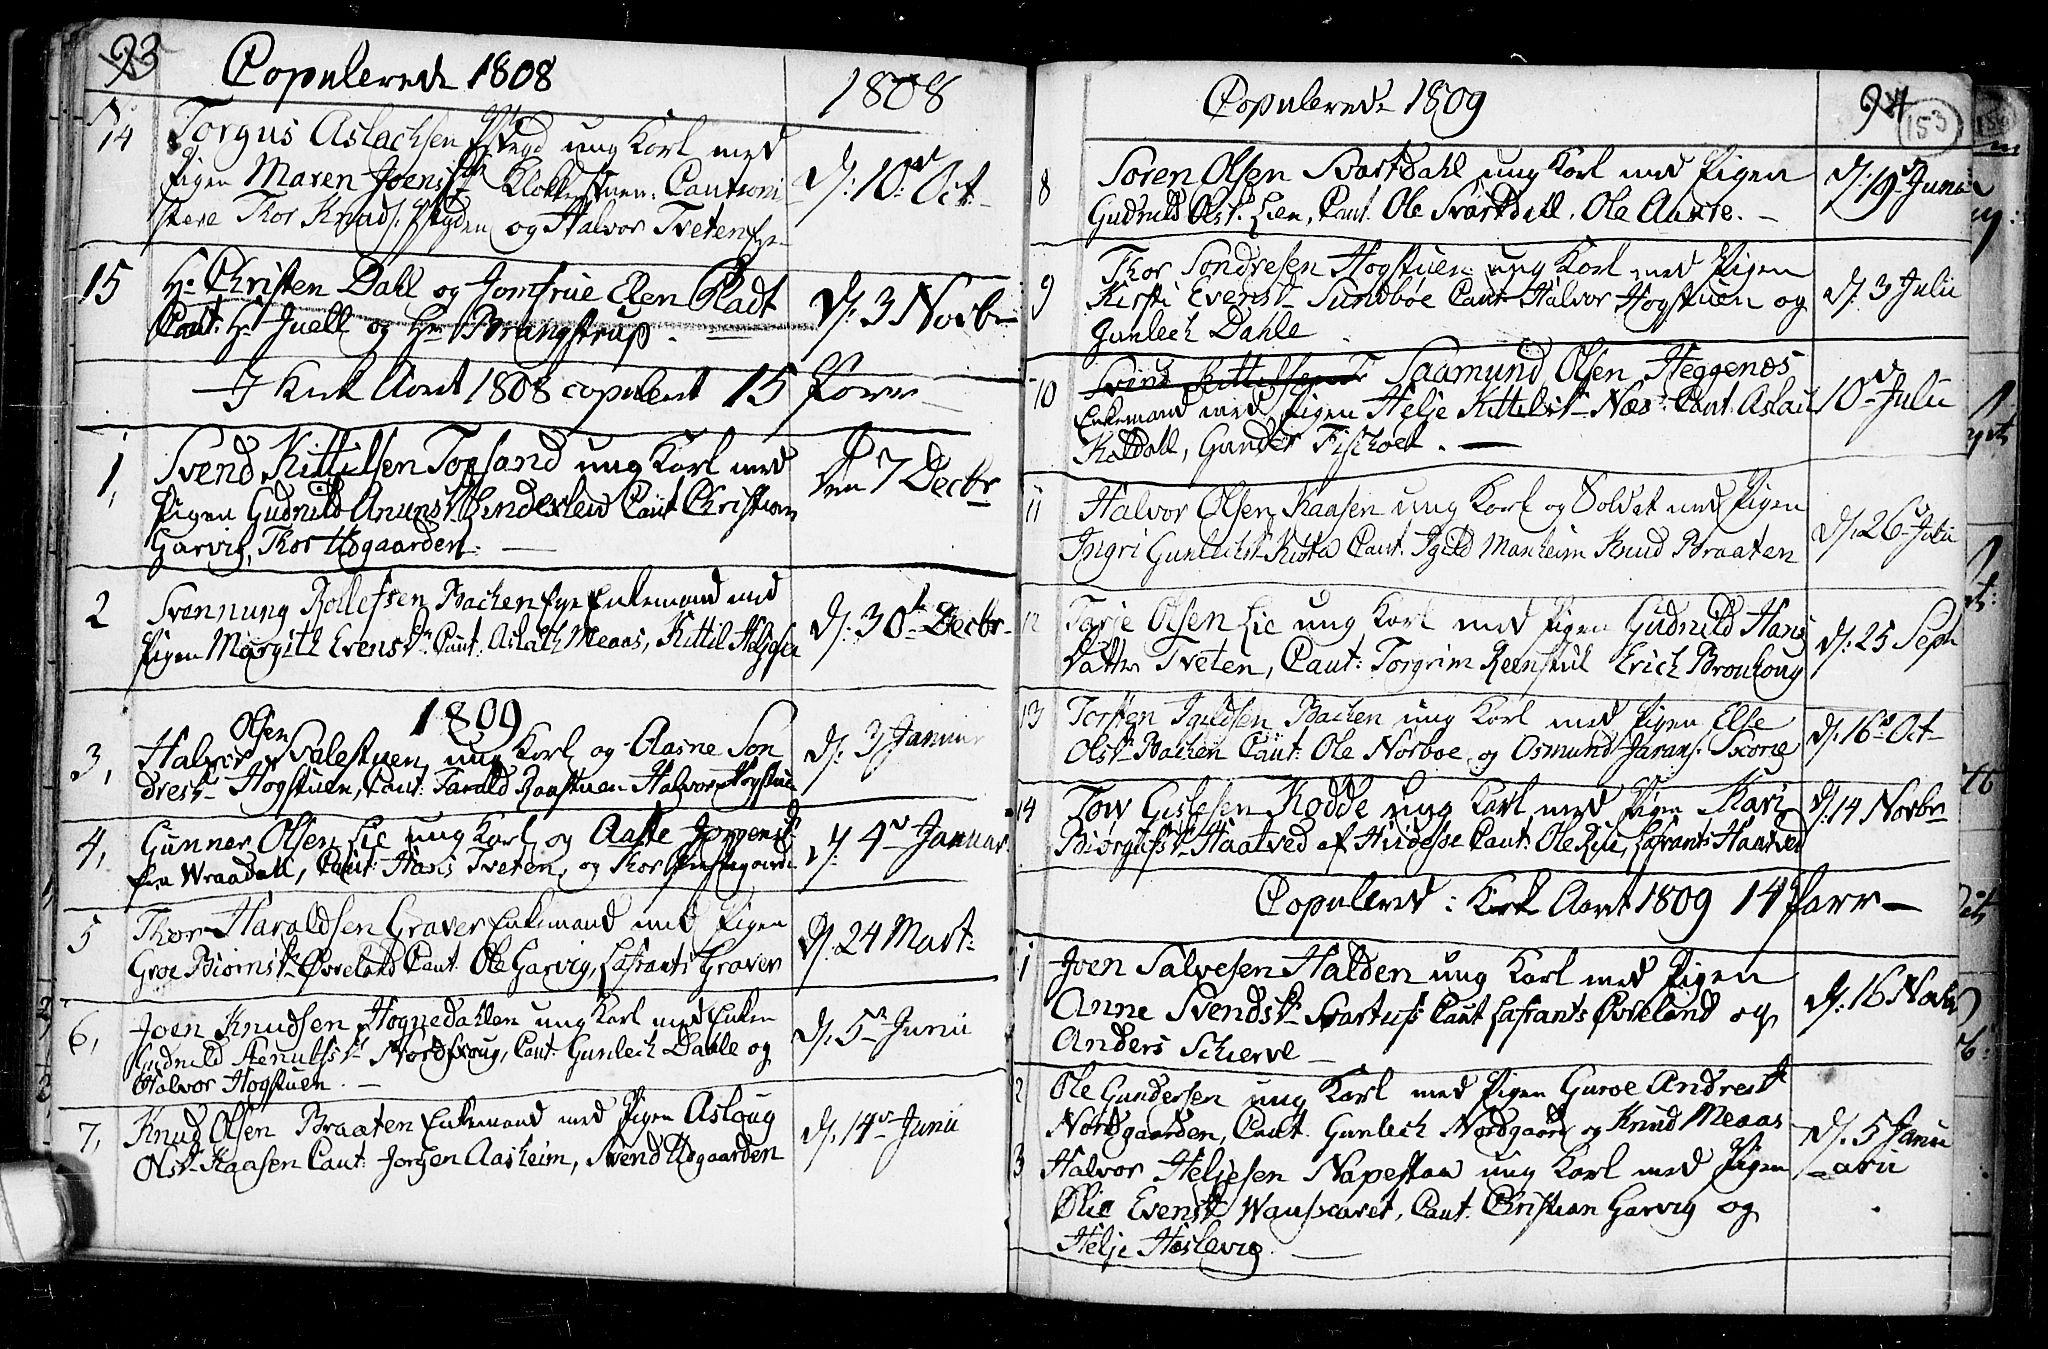 SAKO, Seljord kirkebøker, F/Fa/L0008: Ministerialbok nr. I 8, 1755-1814, s. 153